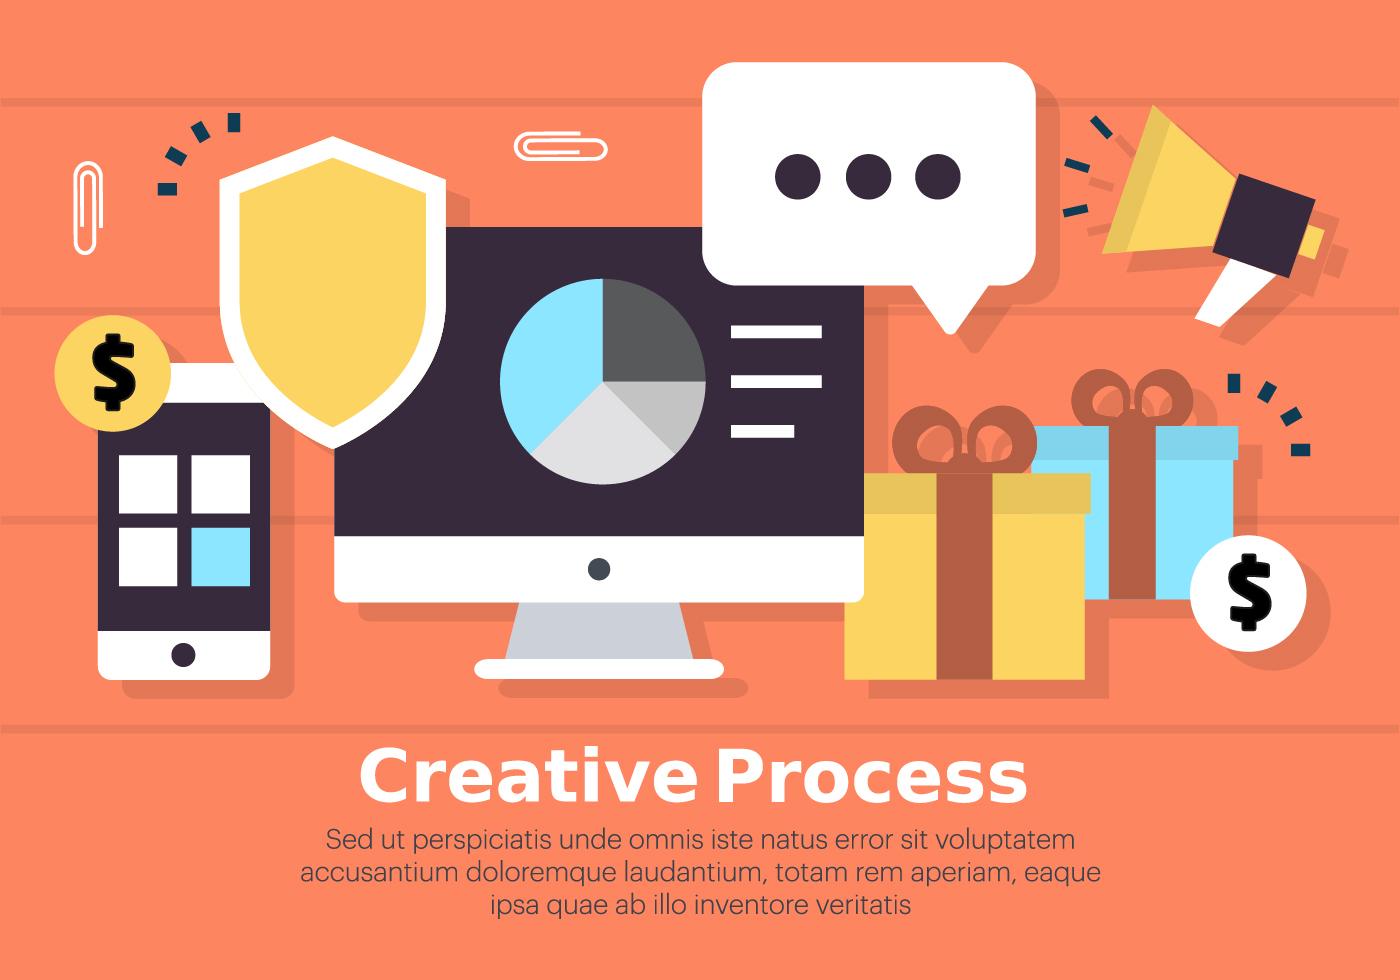 free-digital-marketing-business-vector-illustration.jpg